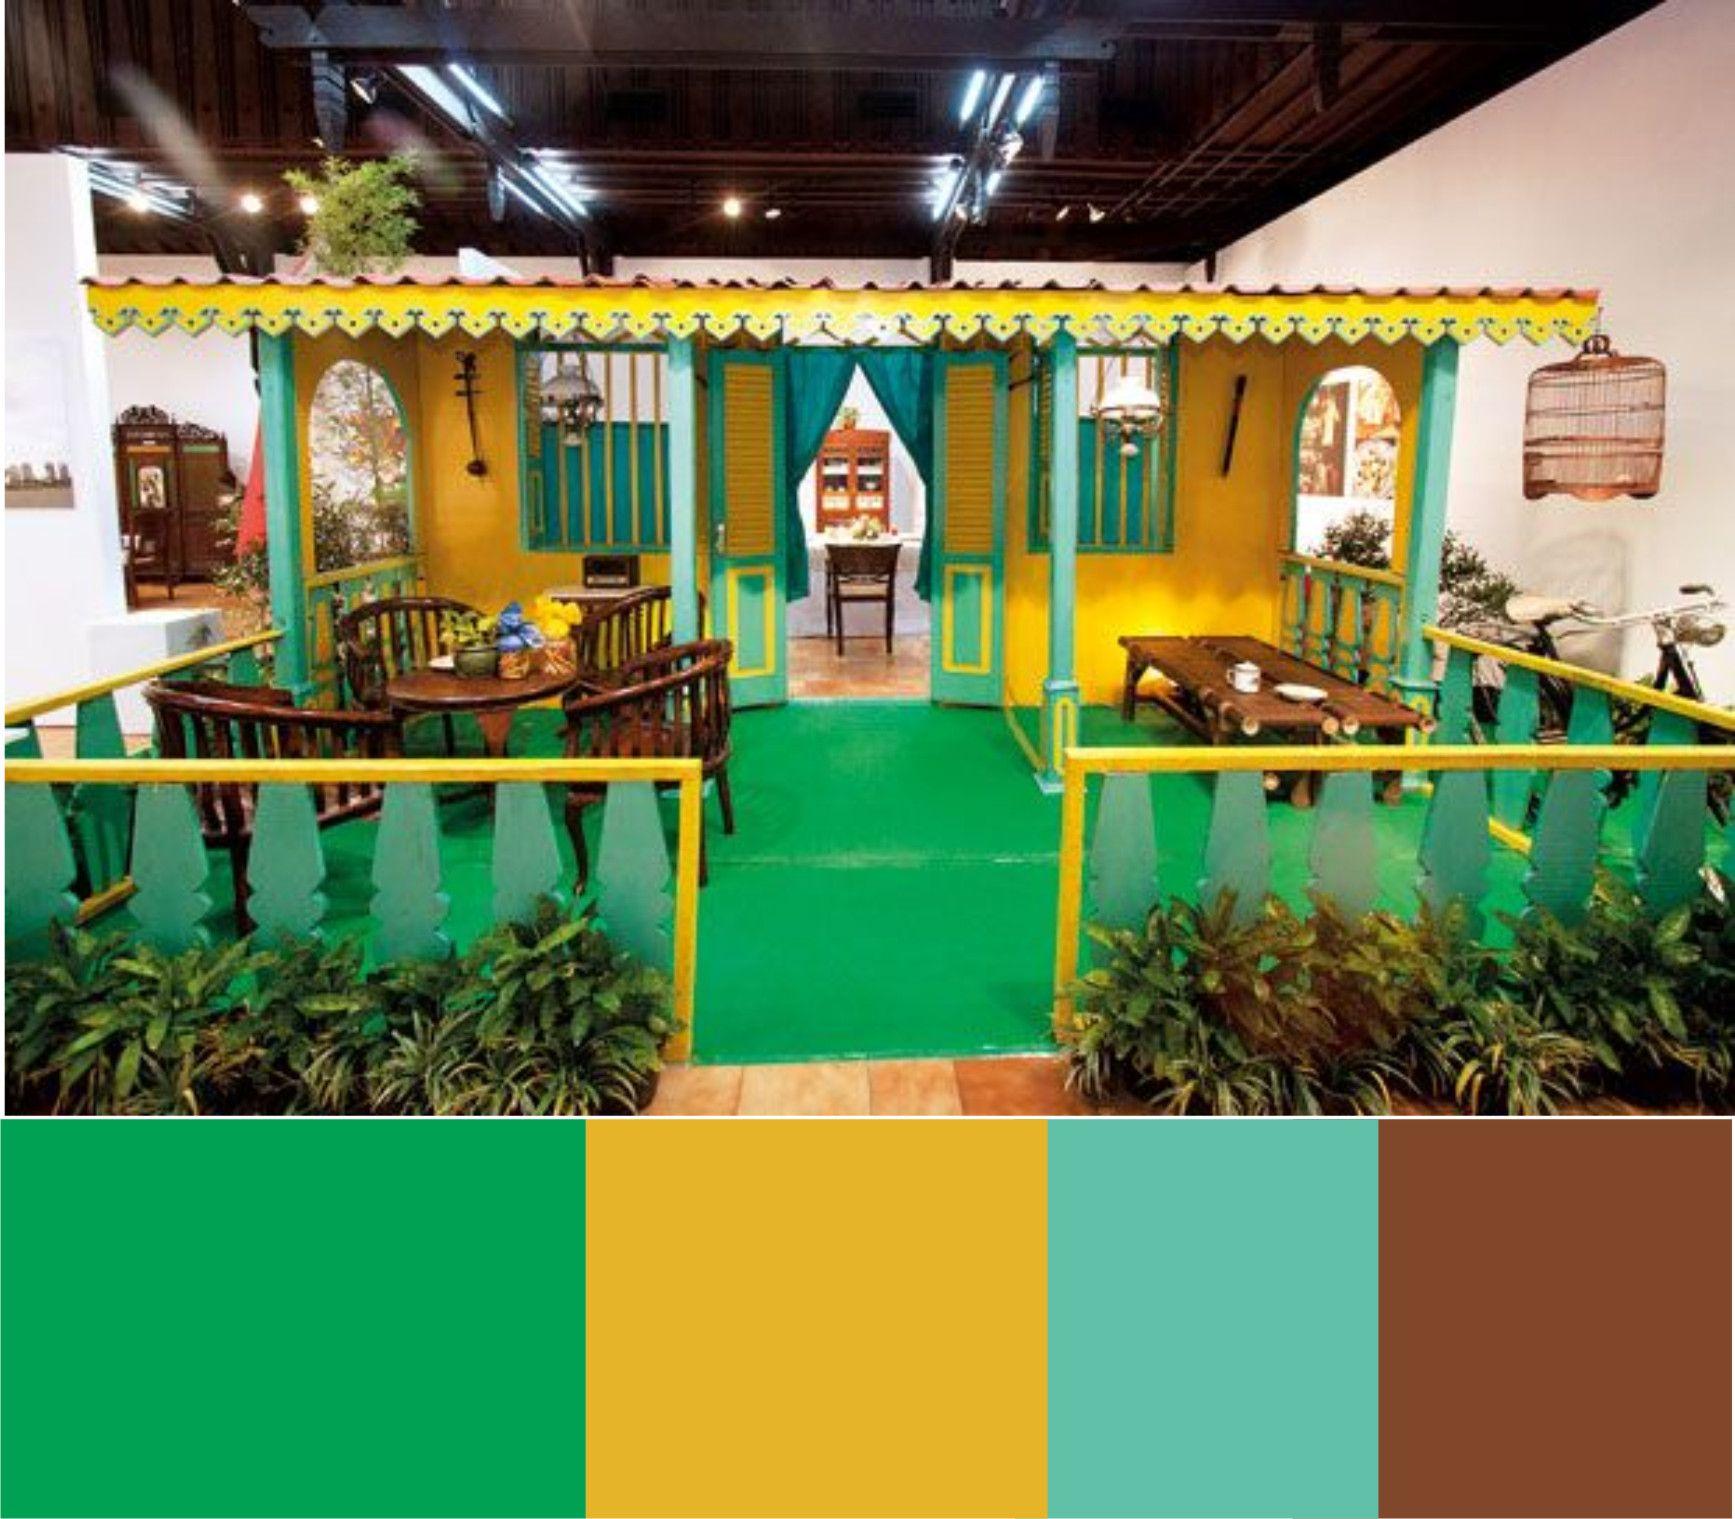 Miniature of Betawi traditional house Lisplang berornamen gigi balang berupa papan kayu berbentuk ornamen segitiga